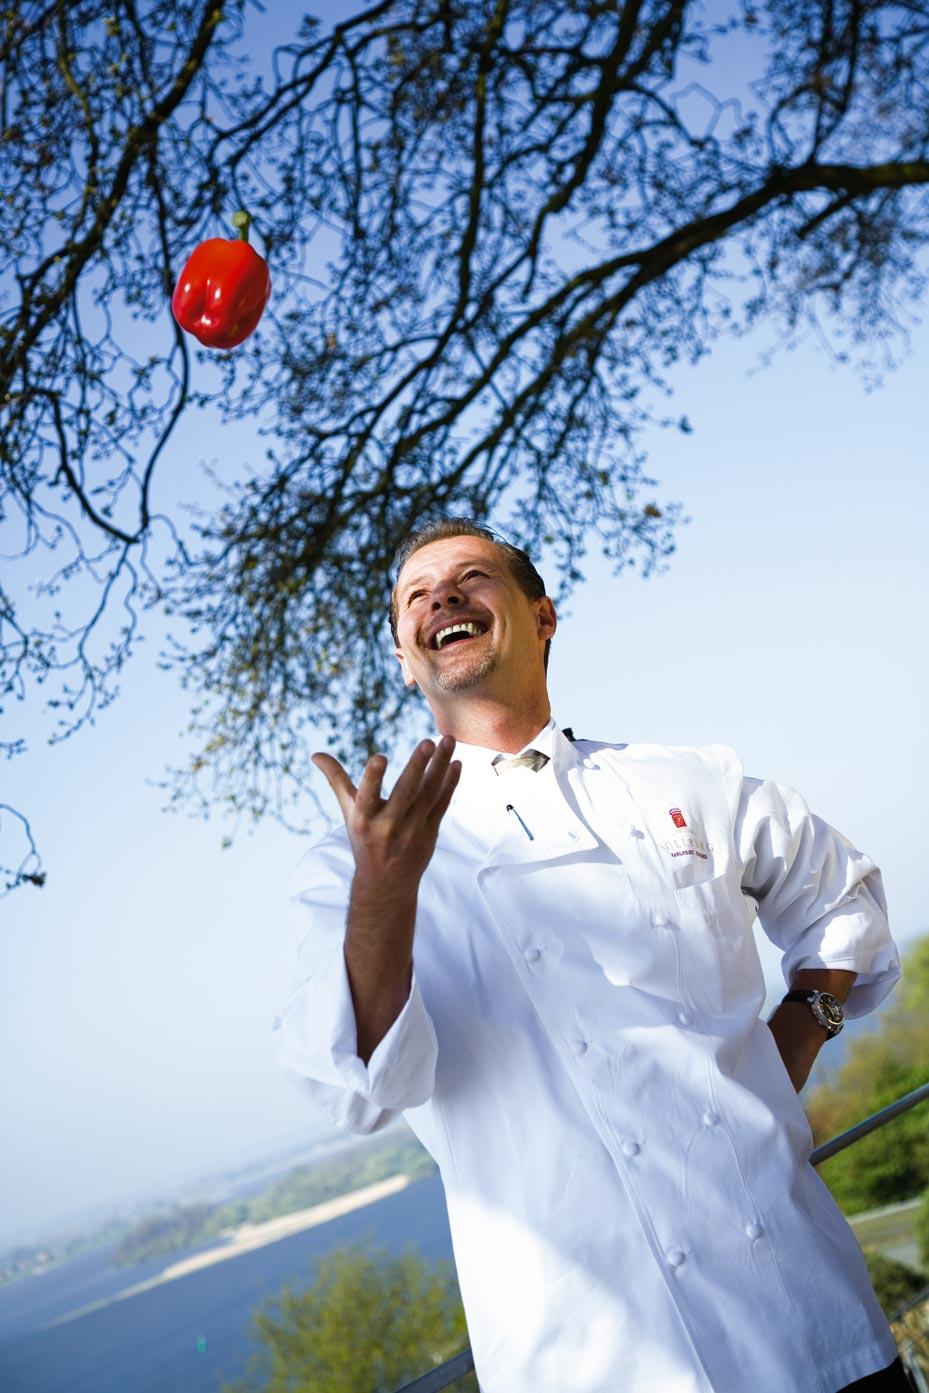 Karlheinz Hauser steht im Grünen und wirft roten Paprika in die Luft